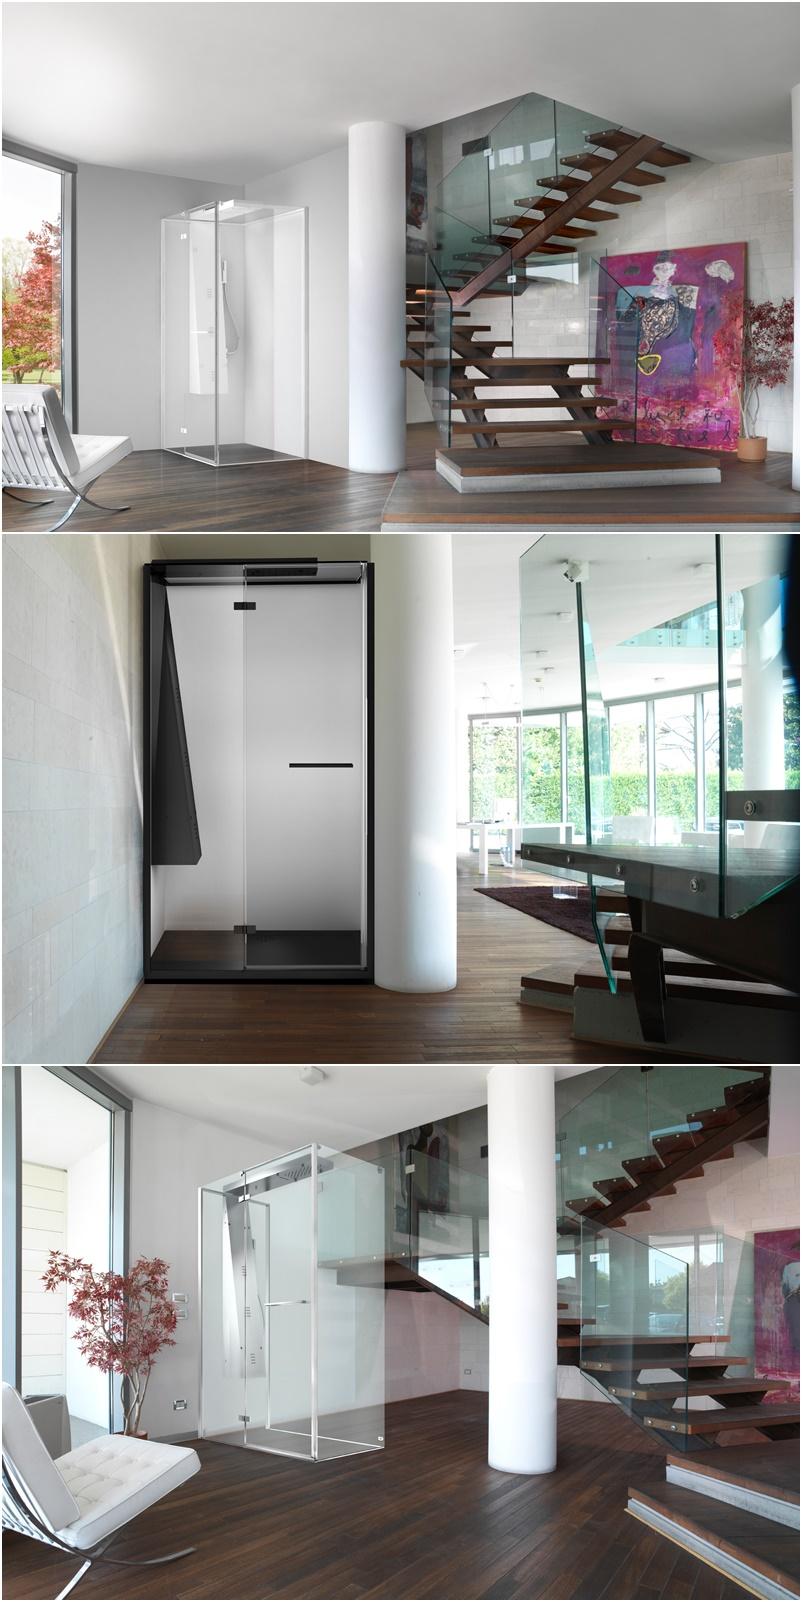 Invisible by Megius   Versione IDRO con idrogetti verticali e doccia a mano, nebulizzatori e cascata - Anticipazioni Salone del Bagno 2018